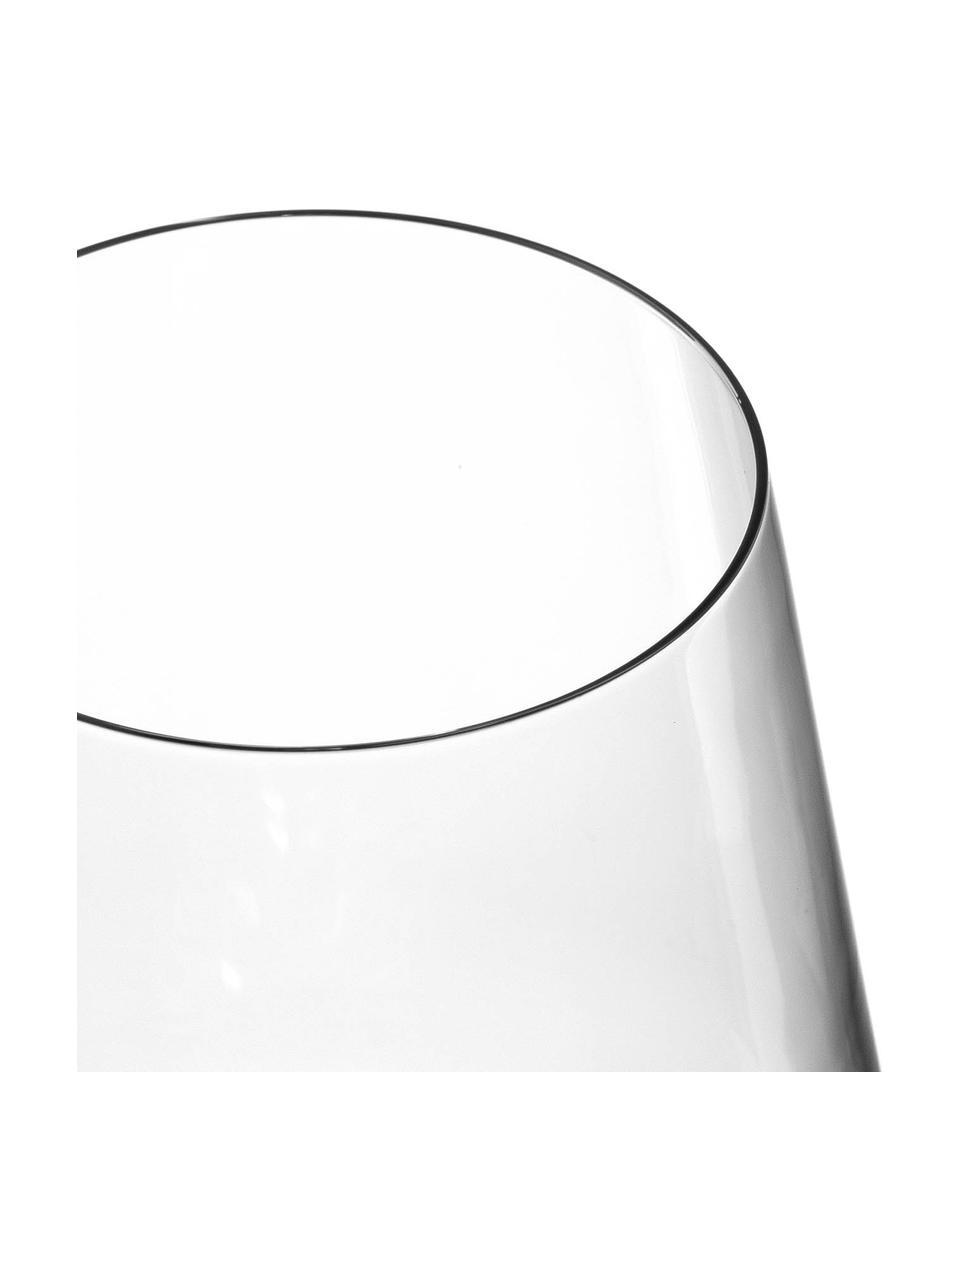 Rotweingläser Puccini, 6 Stück, Kristallglas, Transparent, Ø 11 x H 26 cm